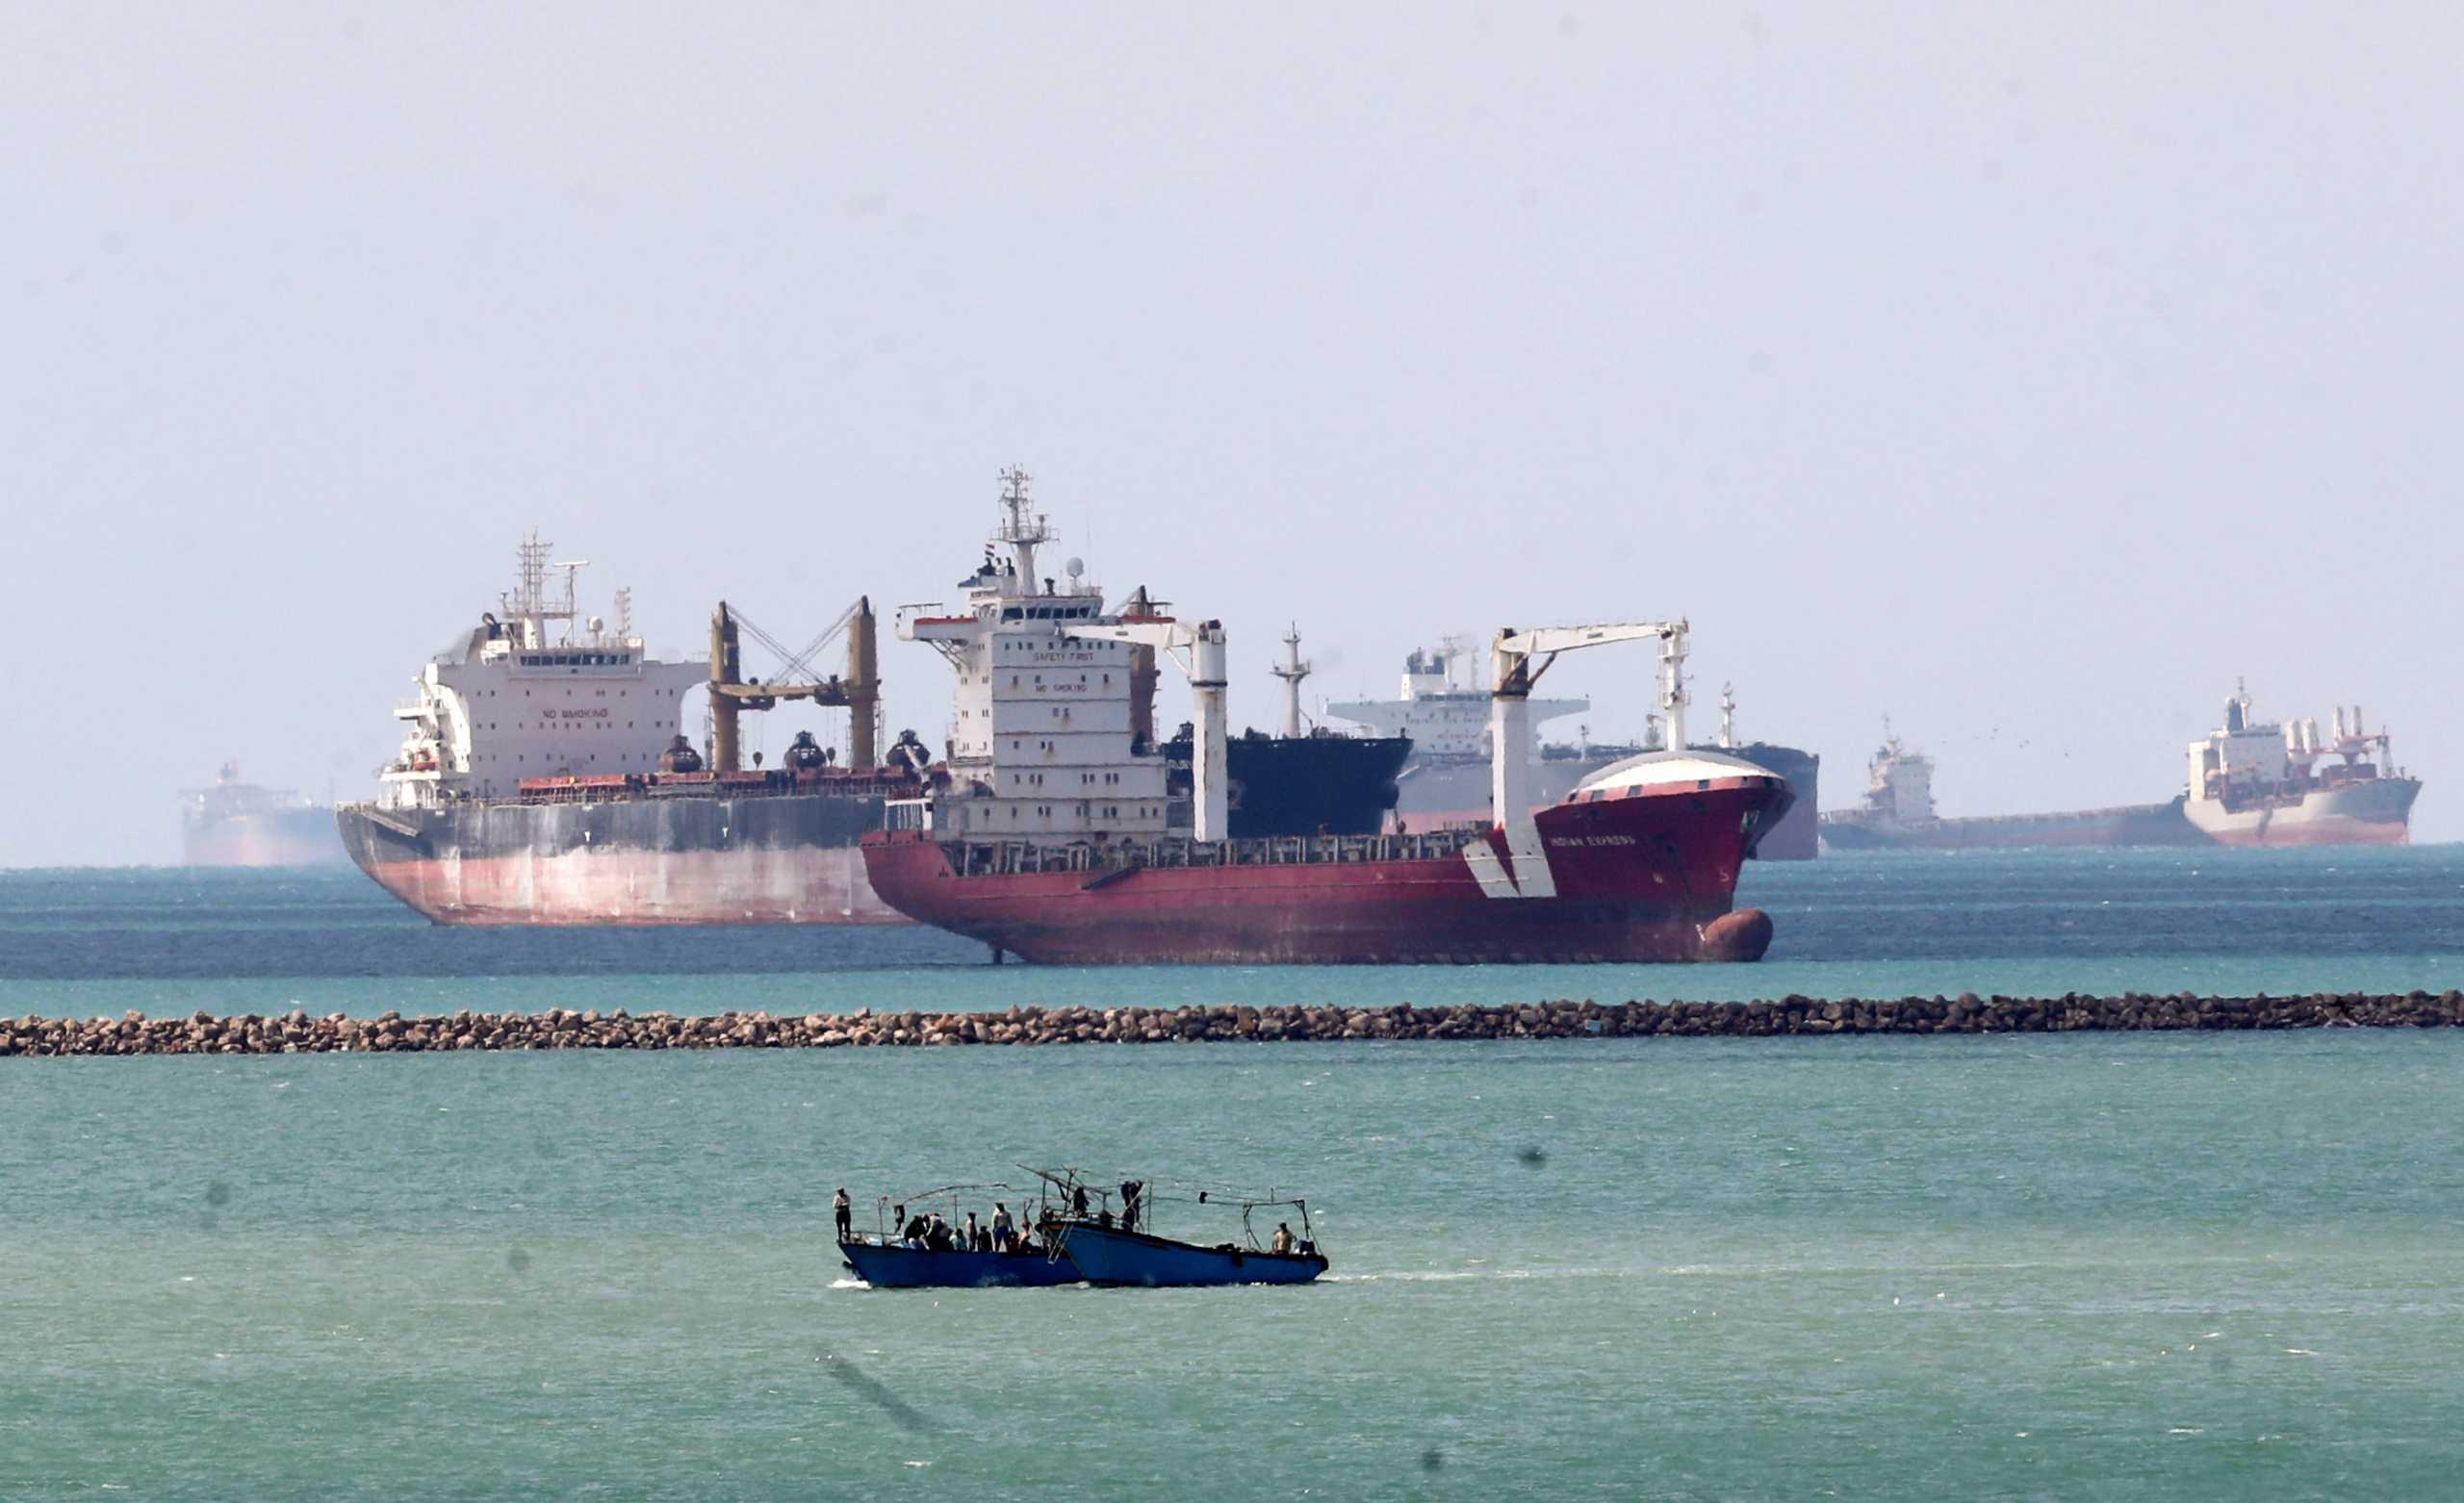 Αίγυπτος: 369 πλοία παραμένουν εγκλωβισμένα στη Διώρυγα του Σουέζ